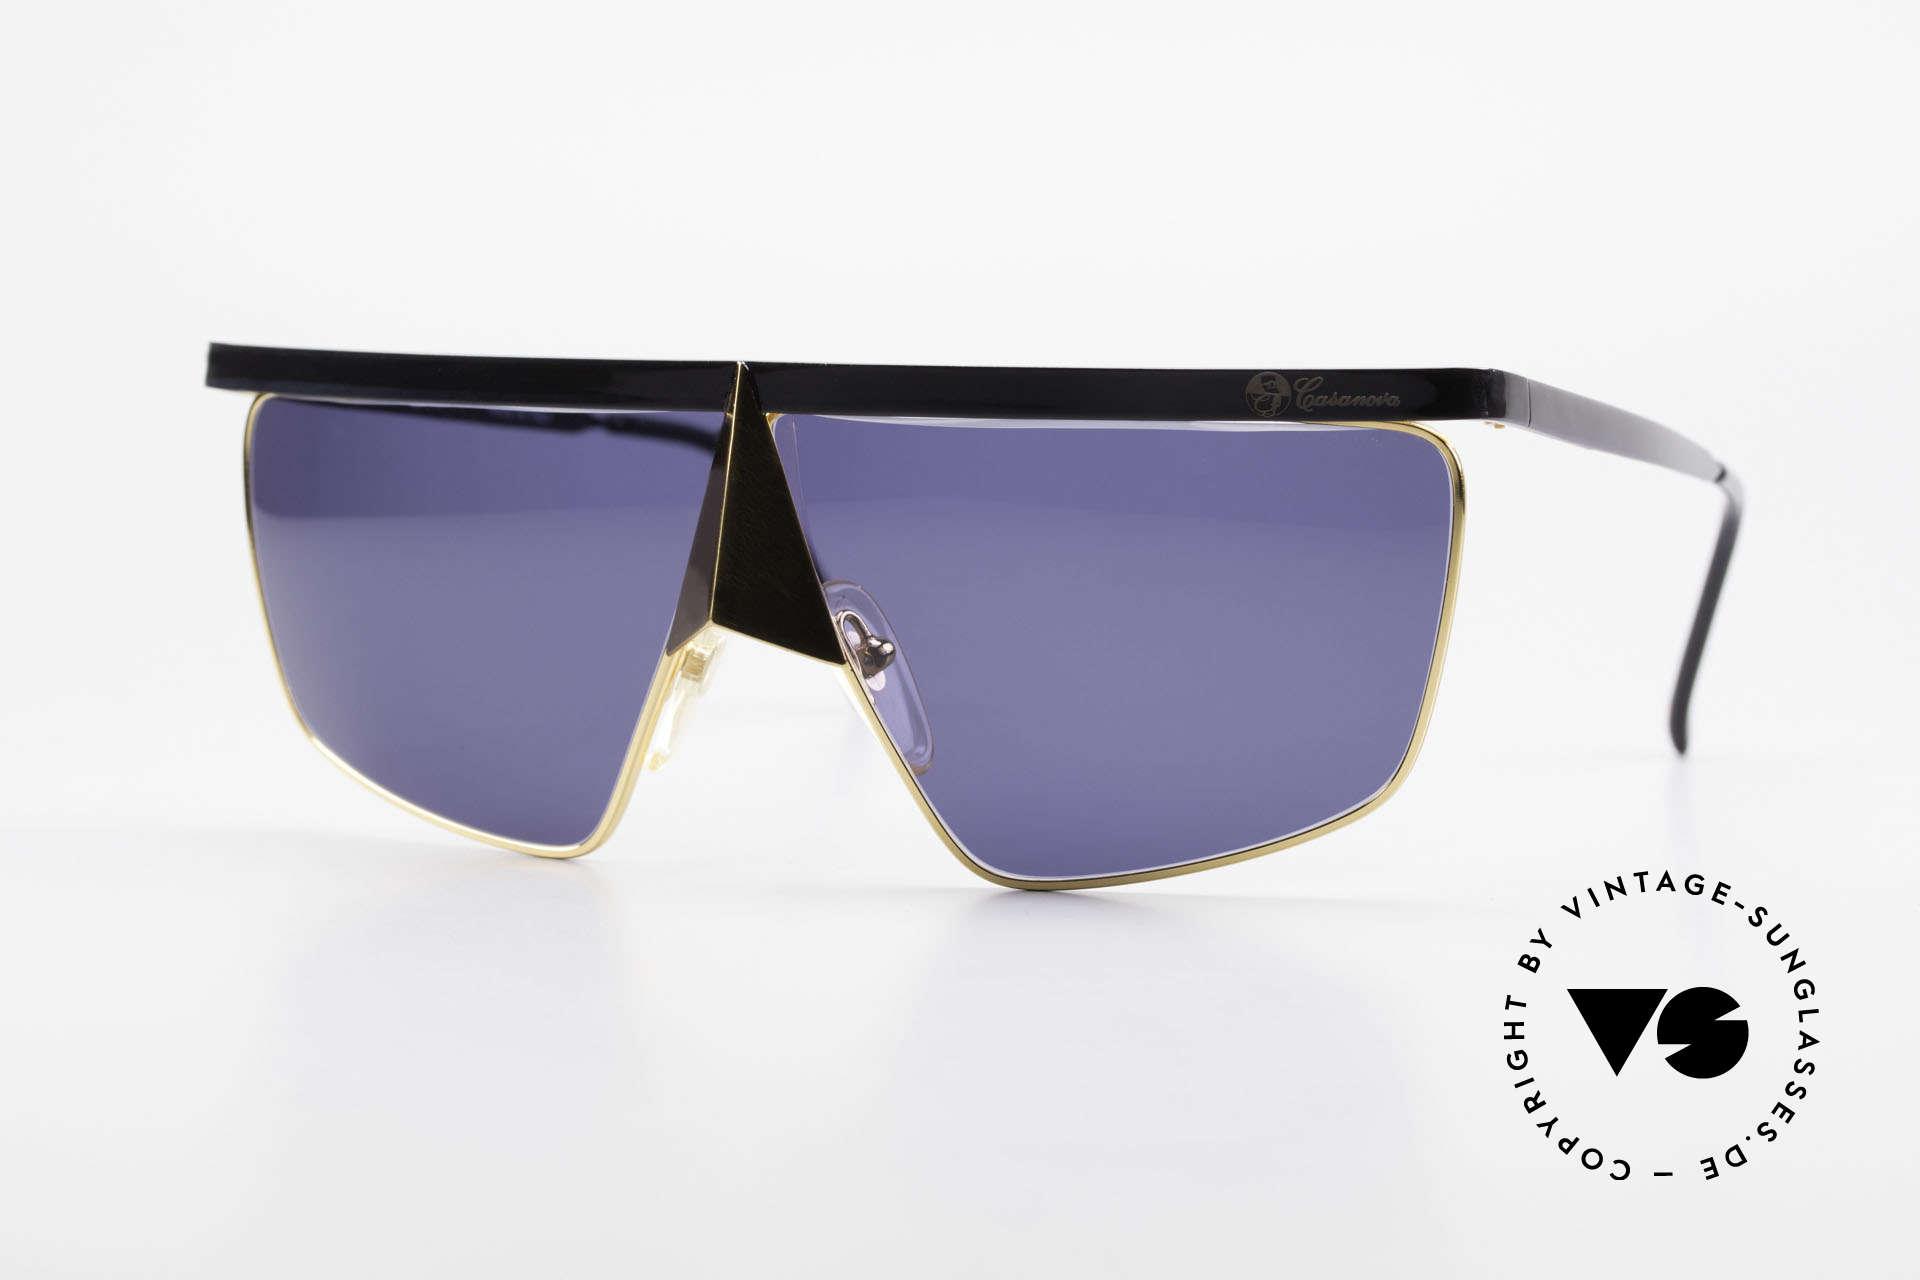 Casanova FC10 24kt Nasenbrille Sonnenbrille, interessante Casanova NasenBrille von circa 1985, Passend für Herren und Damen